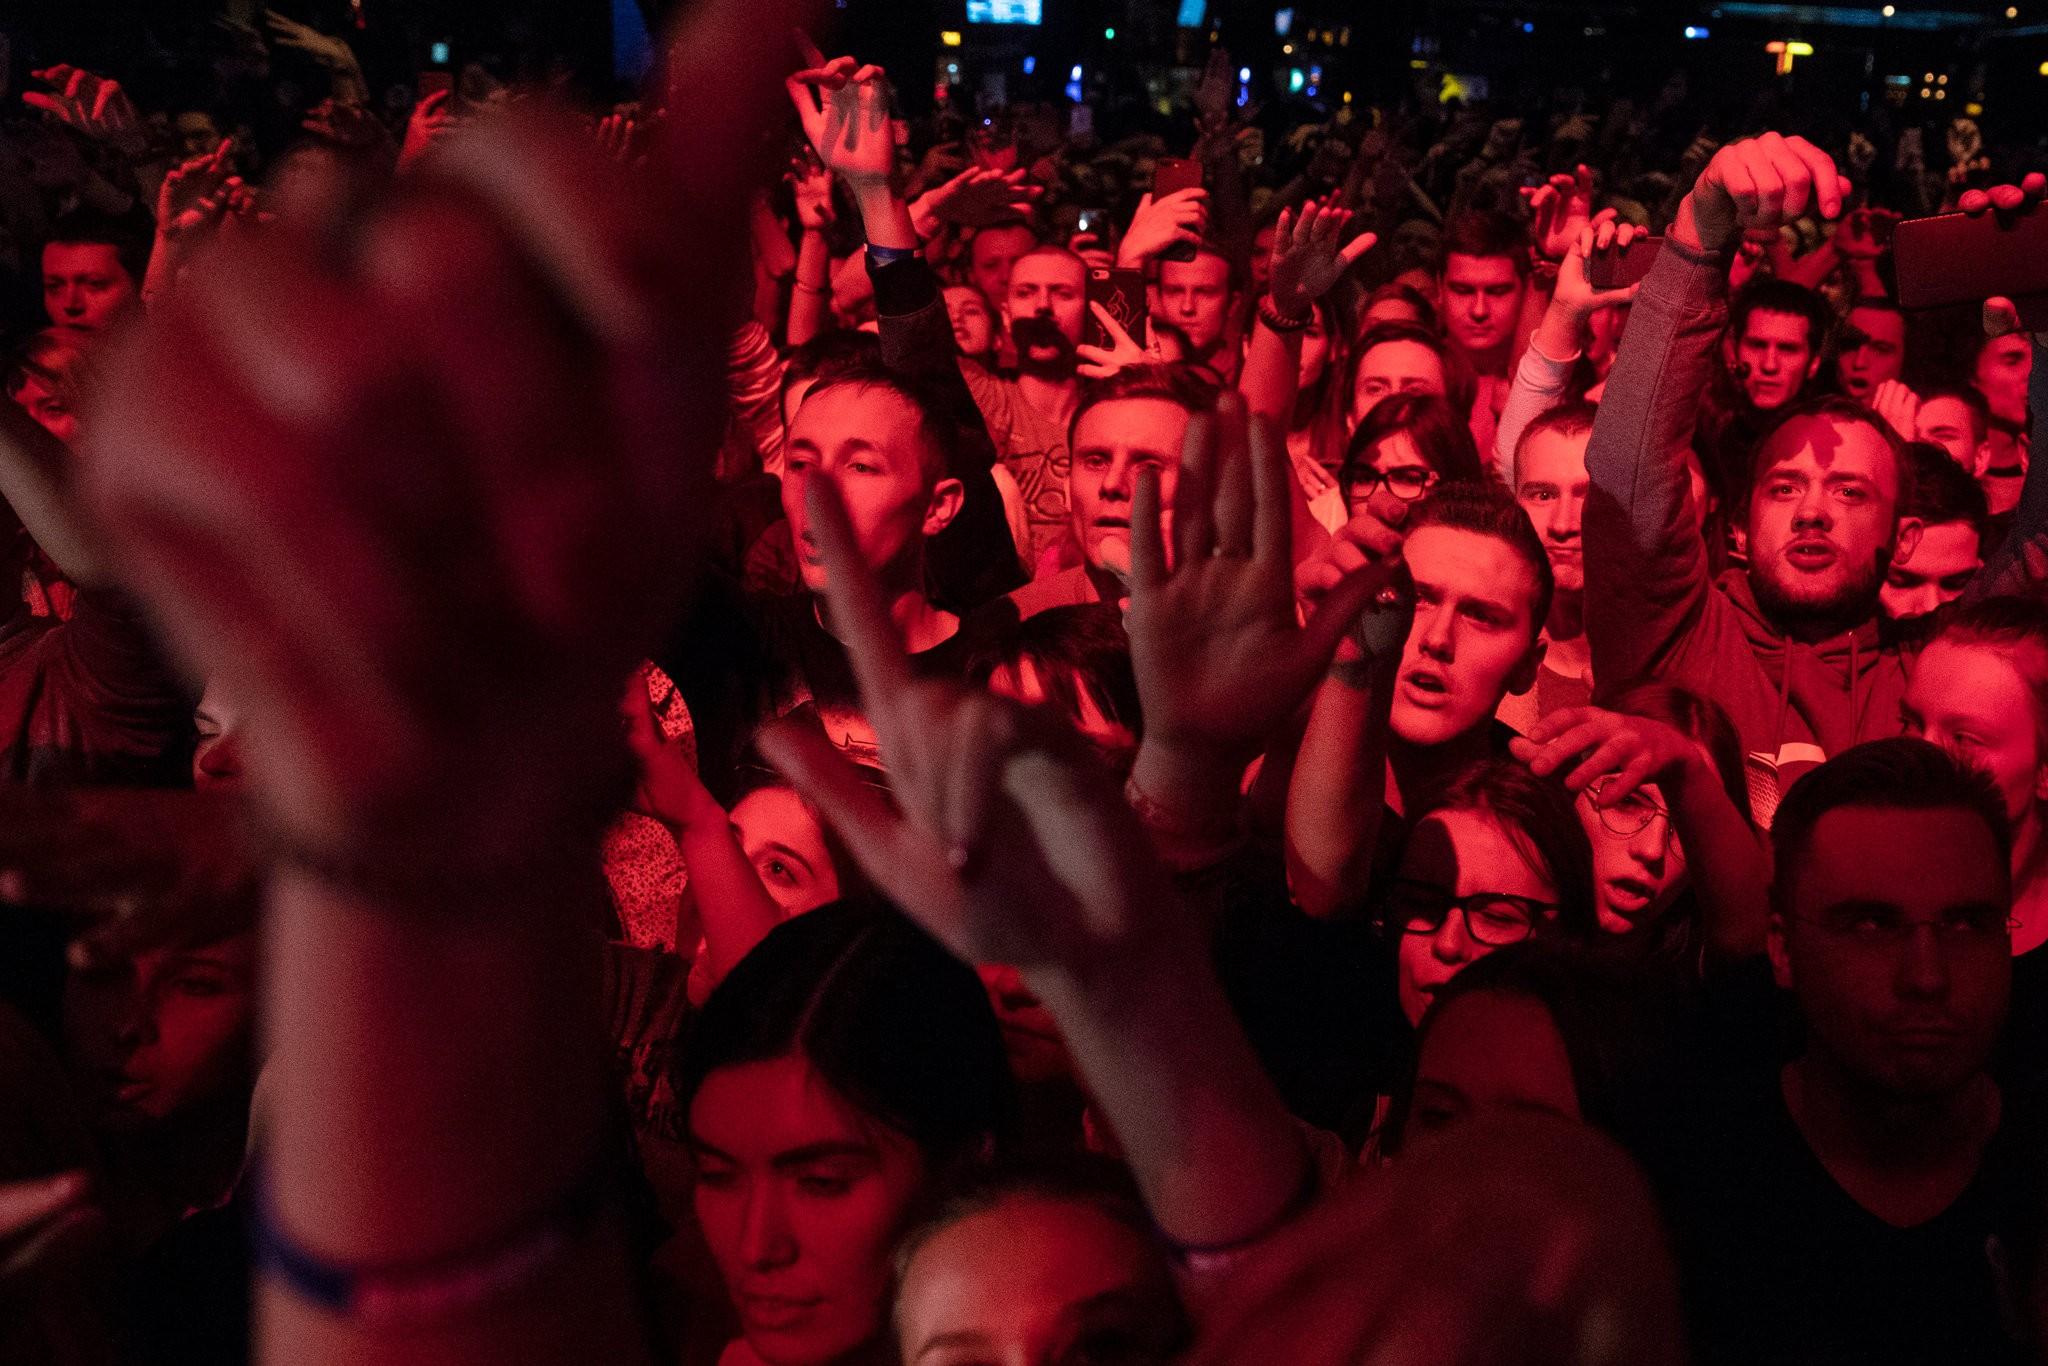 哈斯基演唱会现场,狂热的俄罗斯青年人荟萃在livehouse 图源:外交媒体